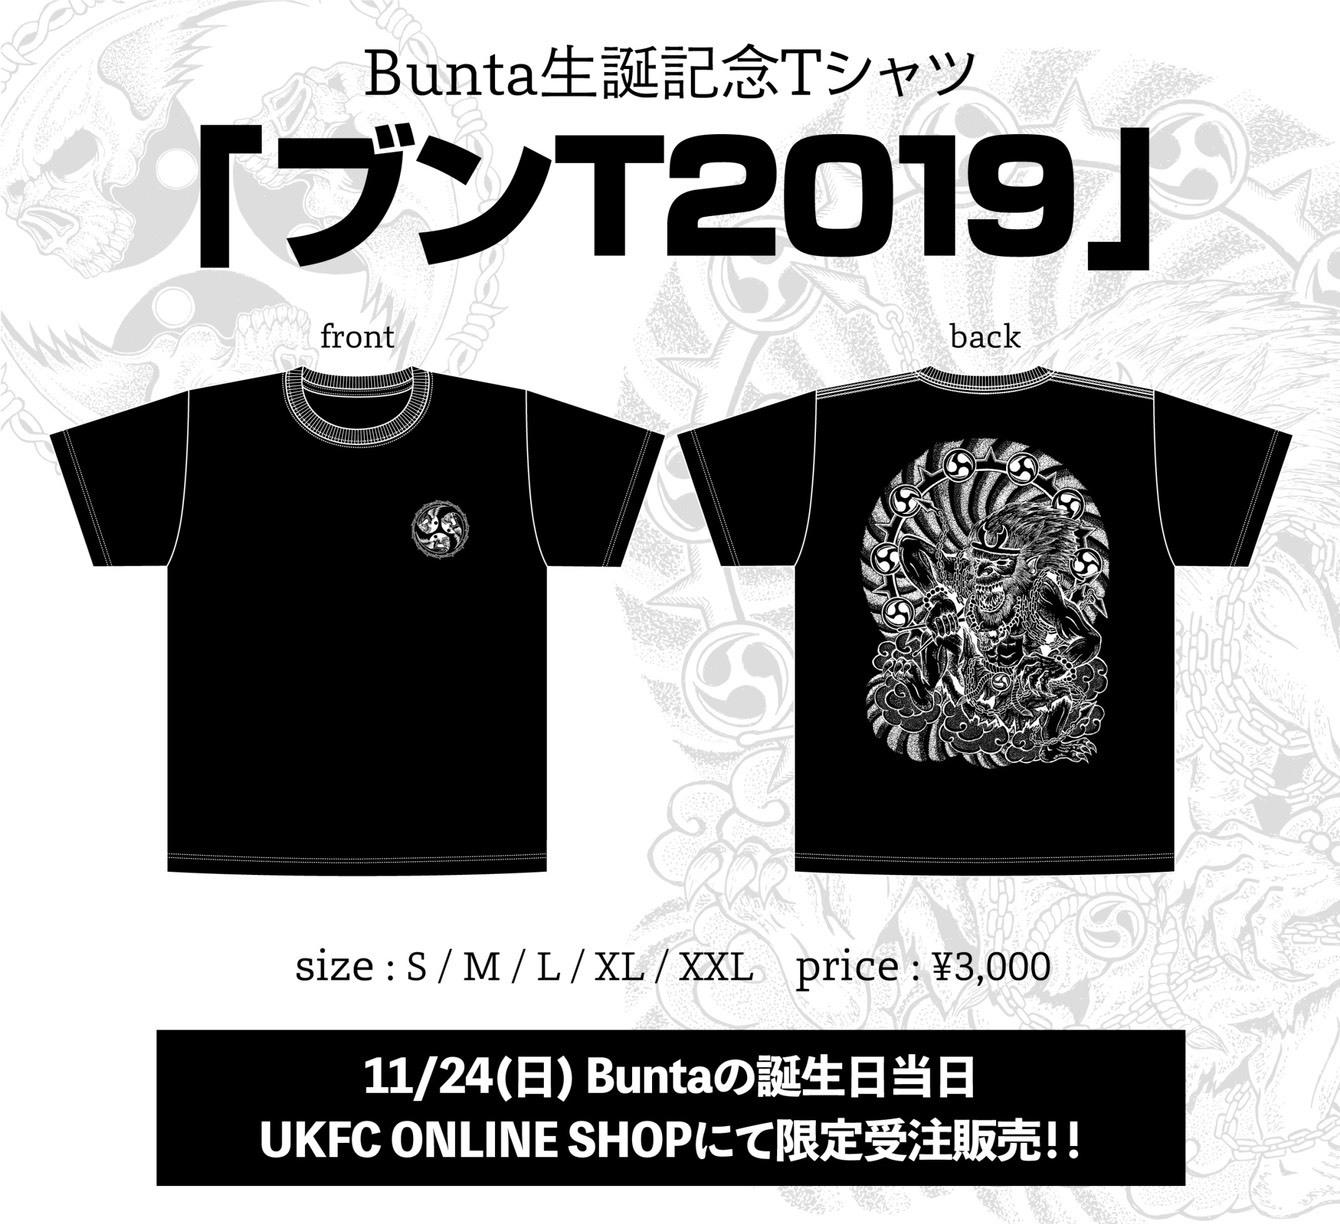 【受注生産:12月中旬出荷予定】Bunta生誕記念Tシャツ「ブンT2019」